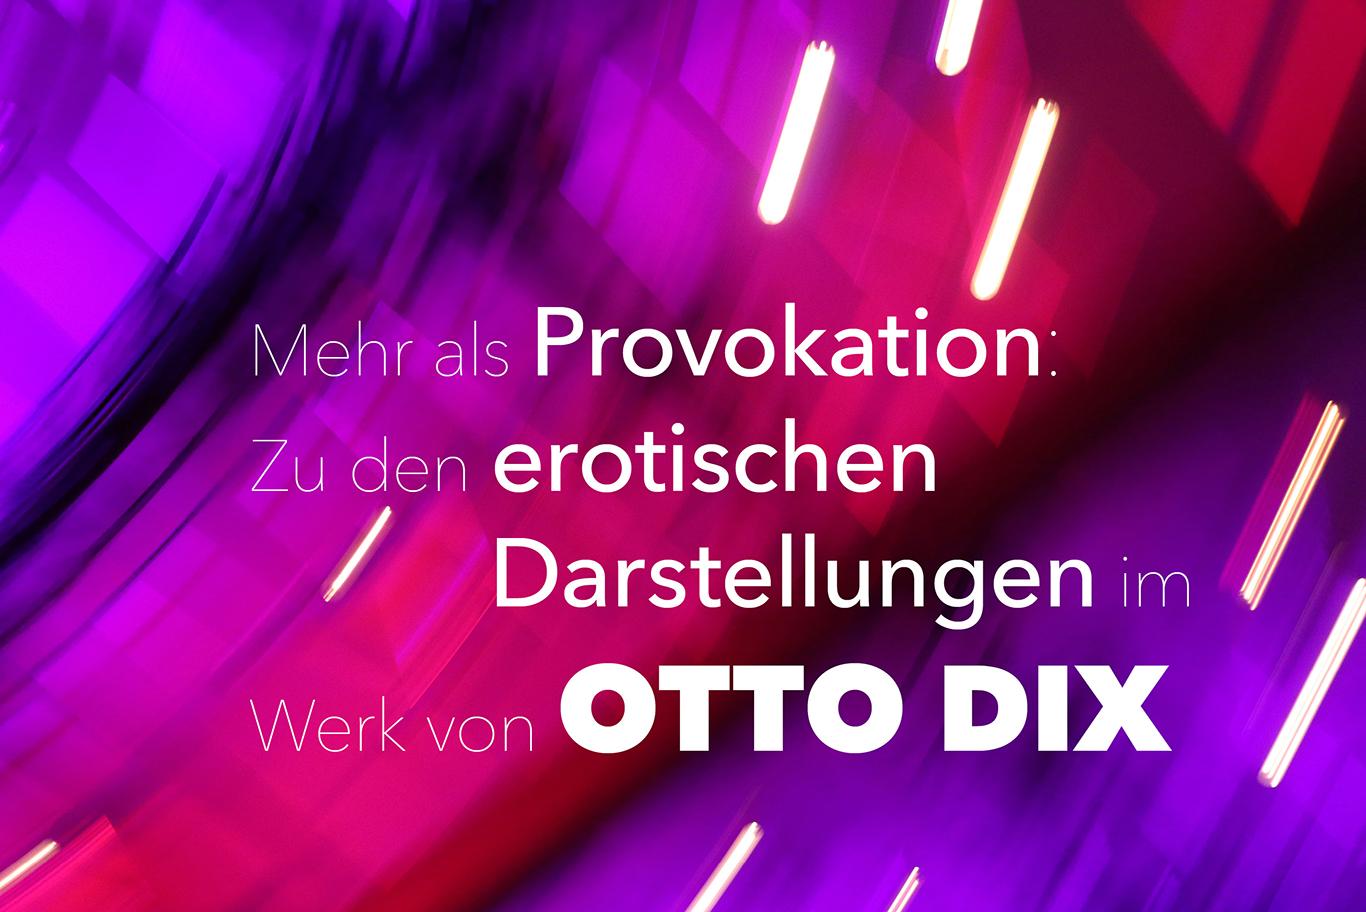 Mehr als Provokation – Zu den erotischen Darstellungen im Werk von Otto Dix